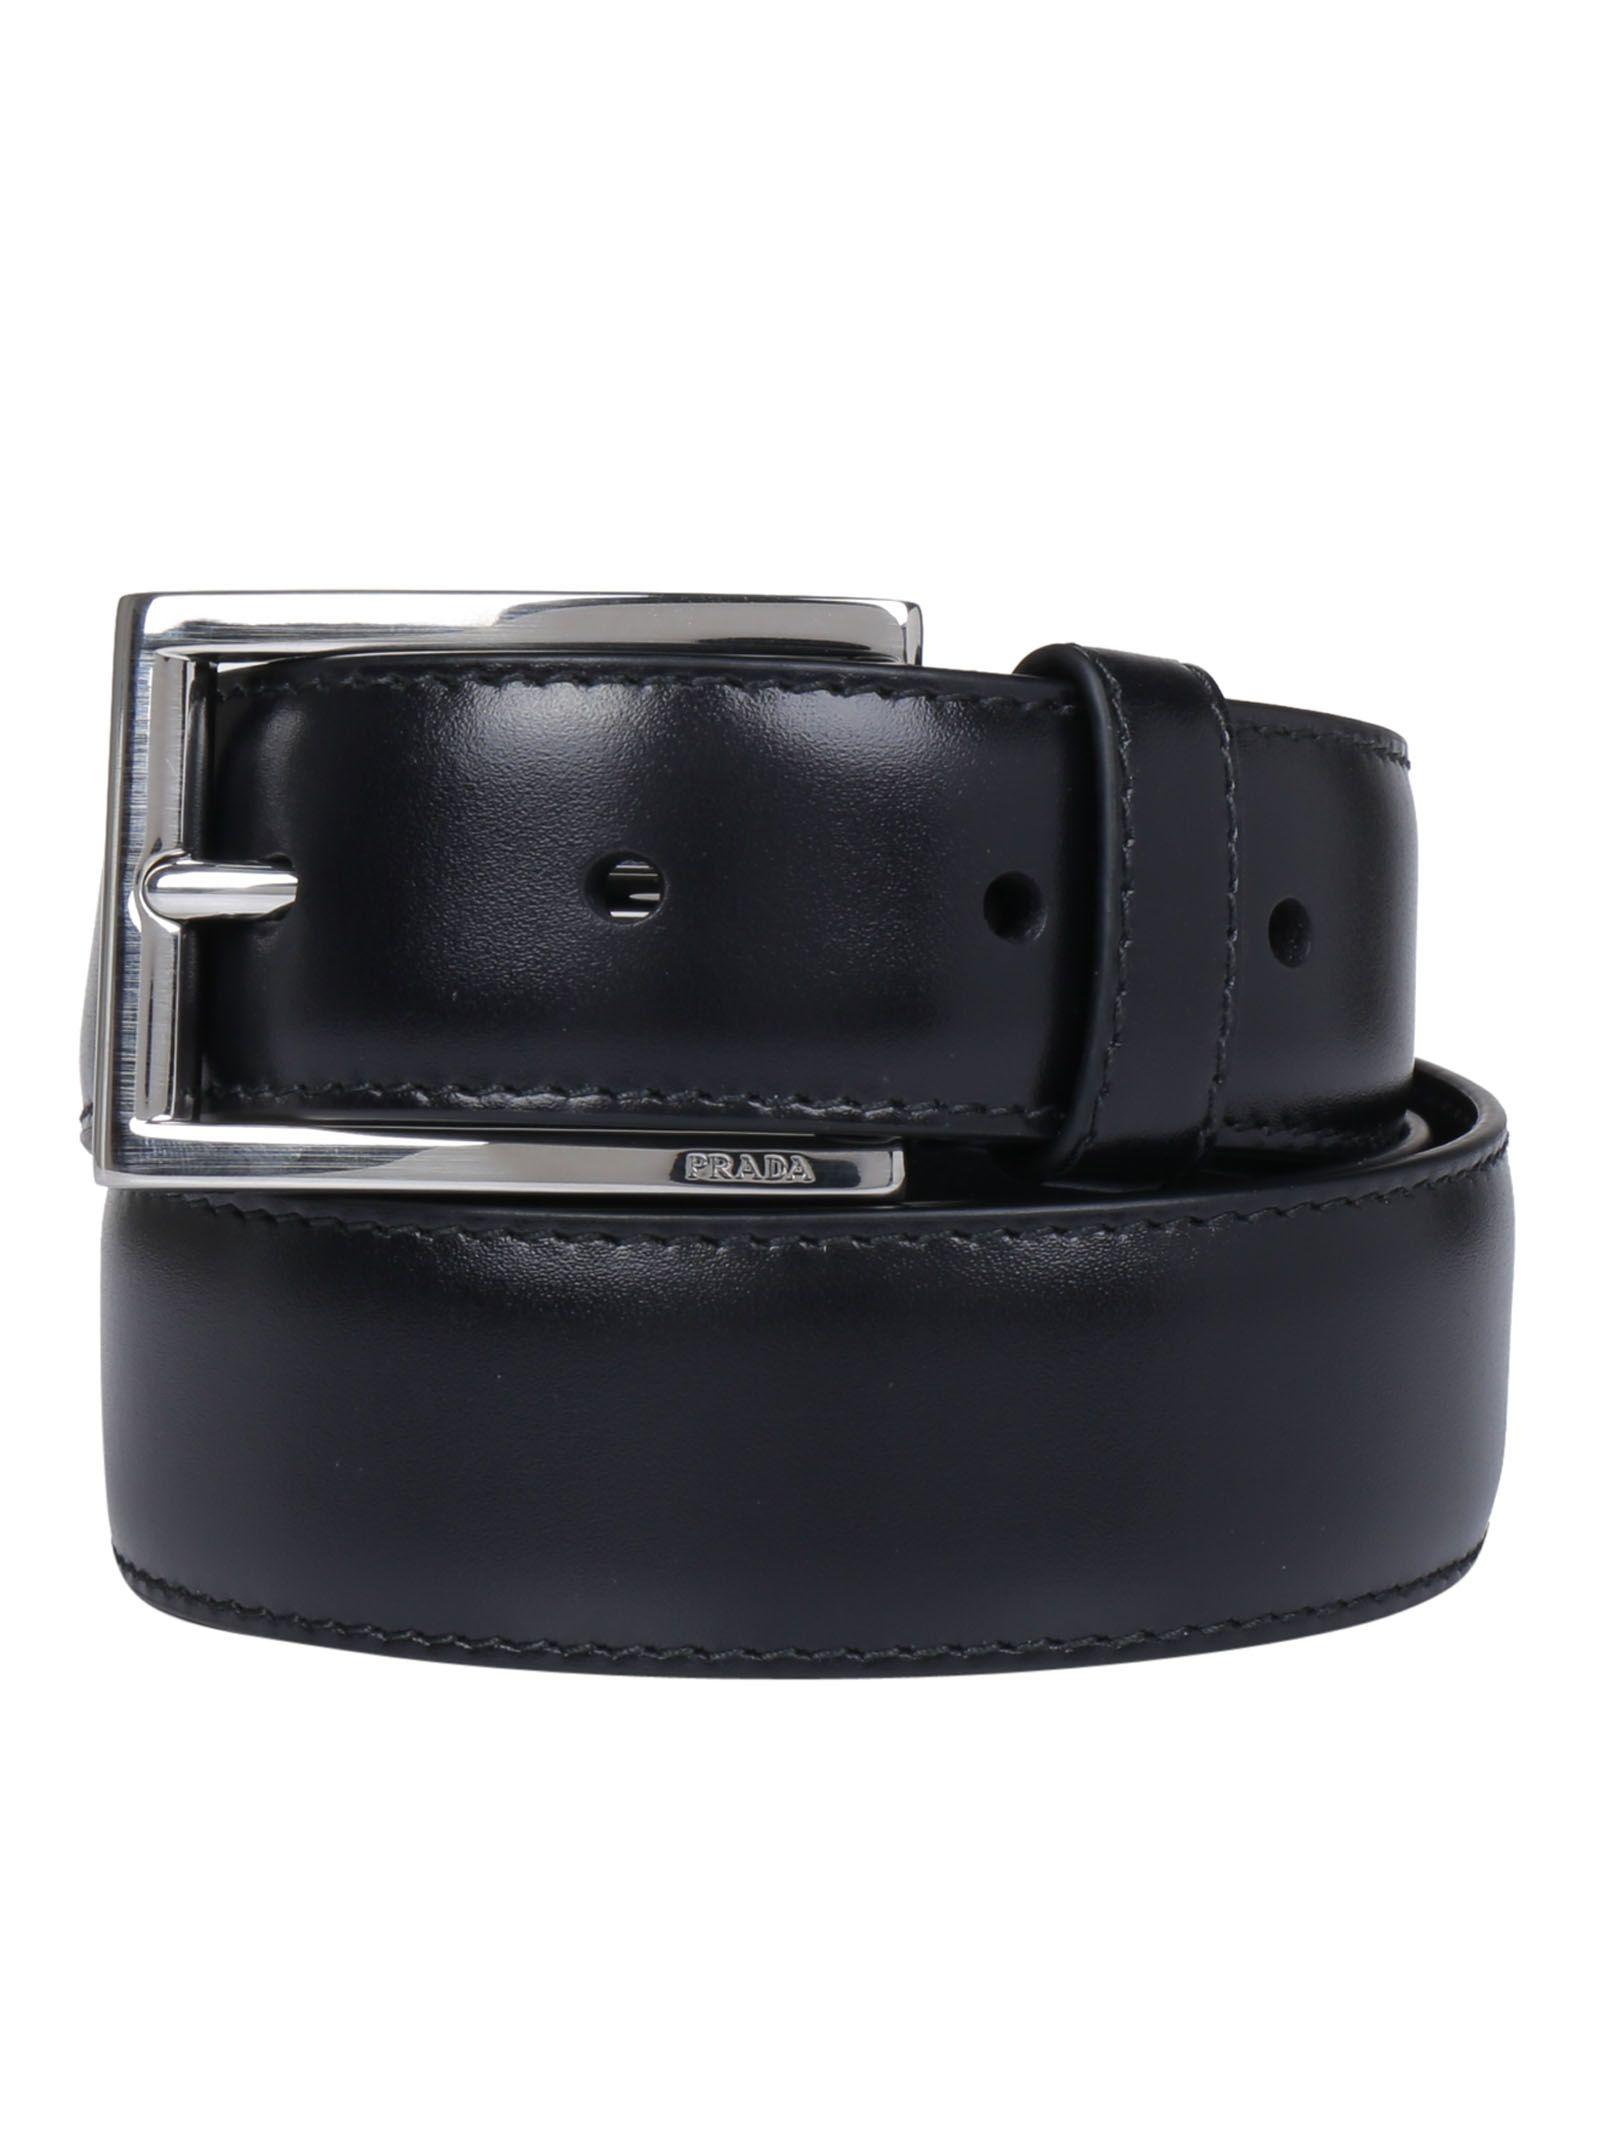 7971b4a23e842 Prada Prada Belt - Black - 10779998